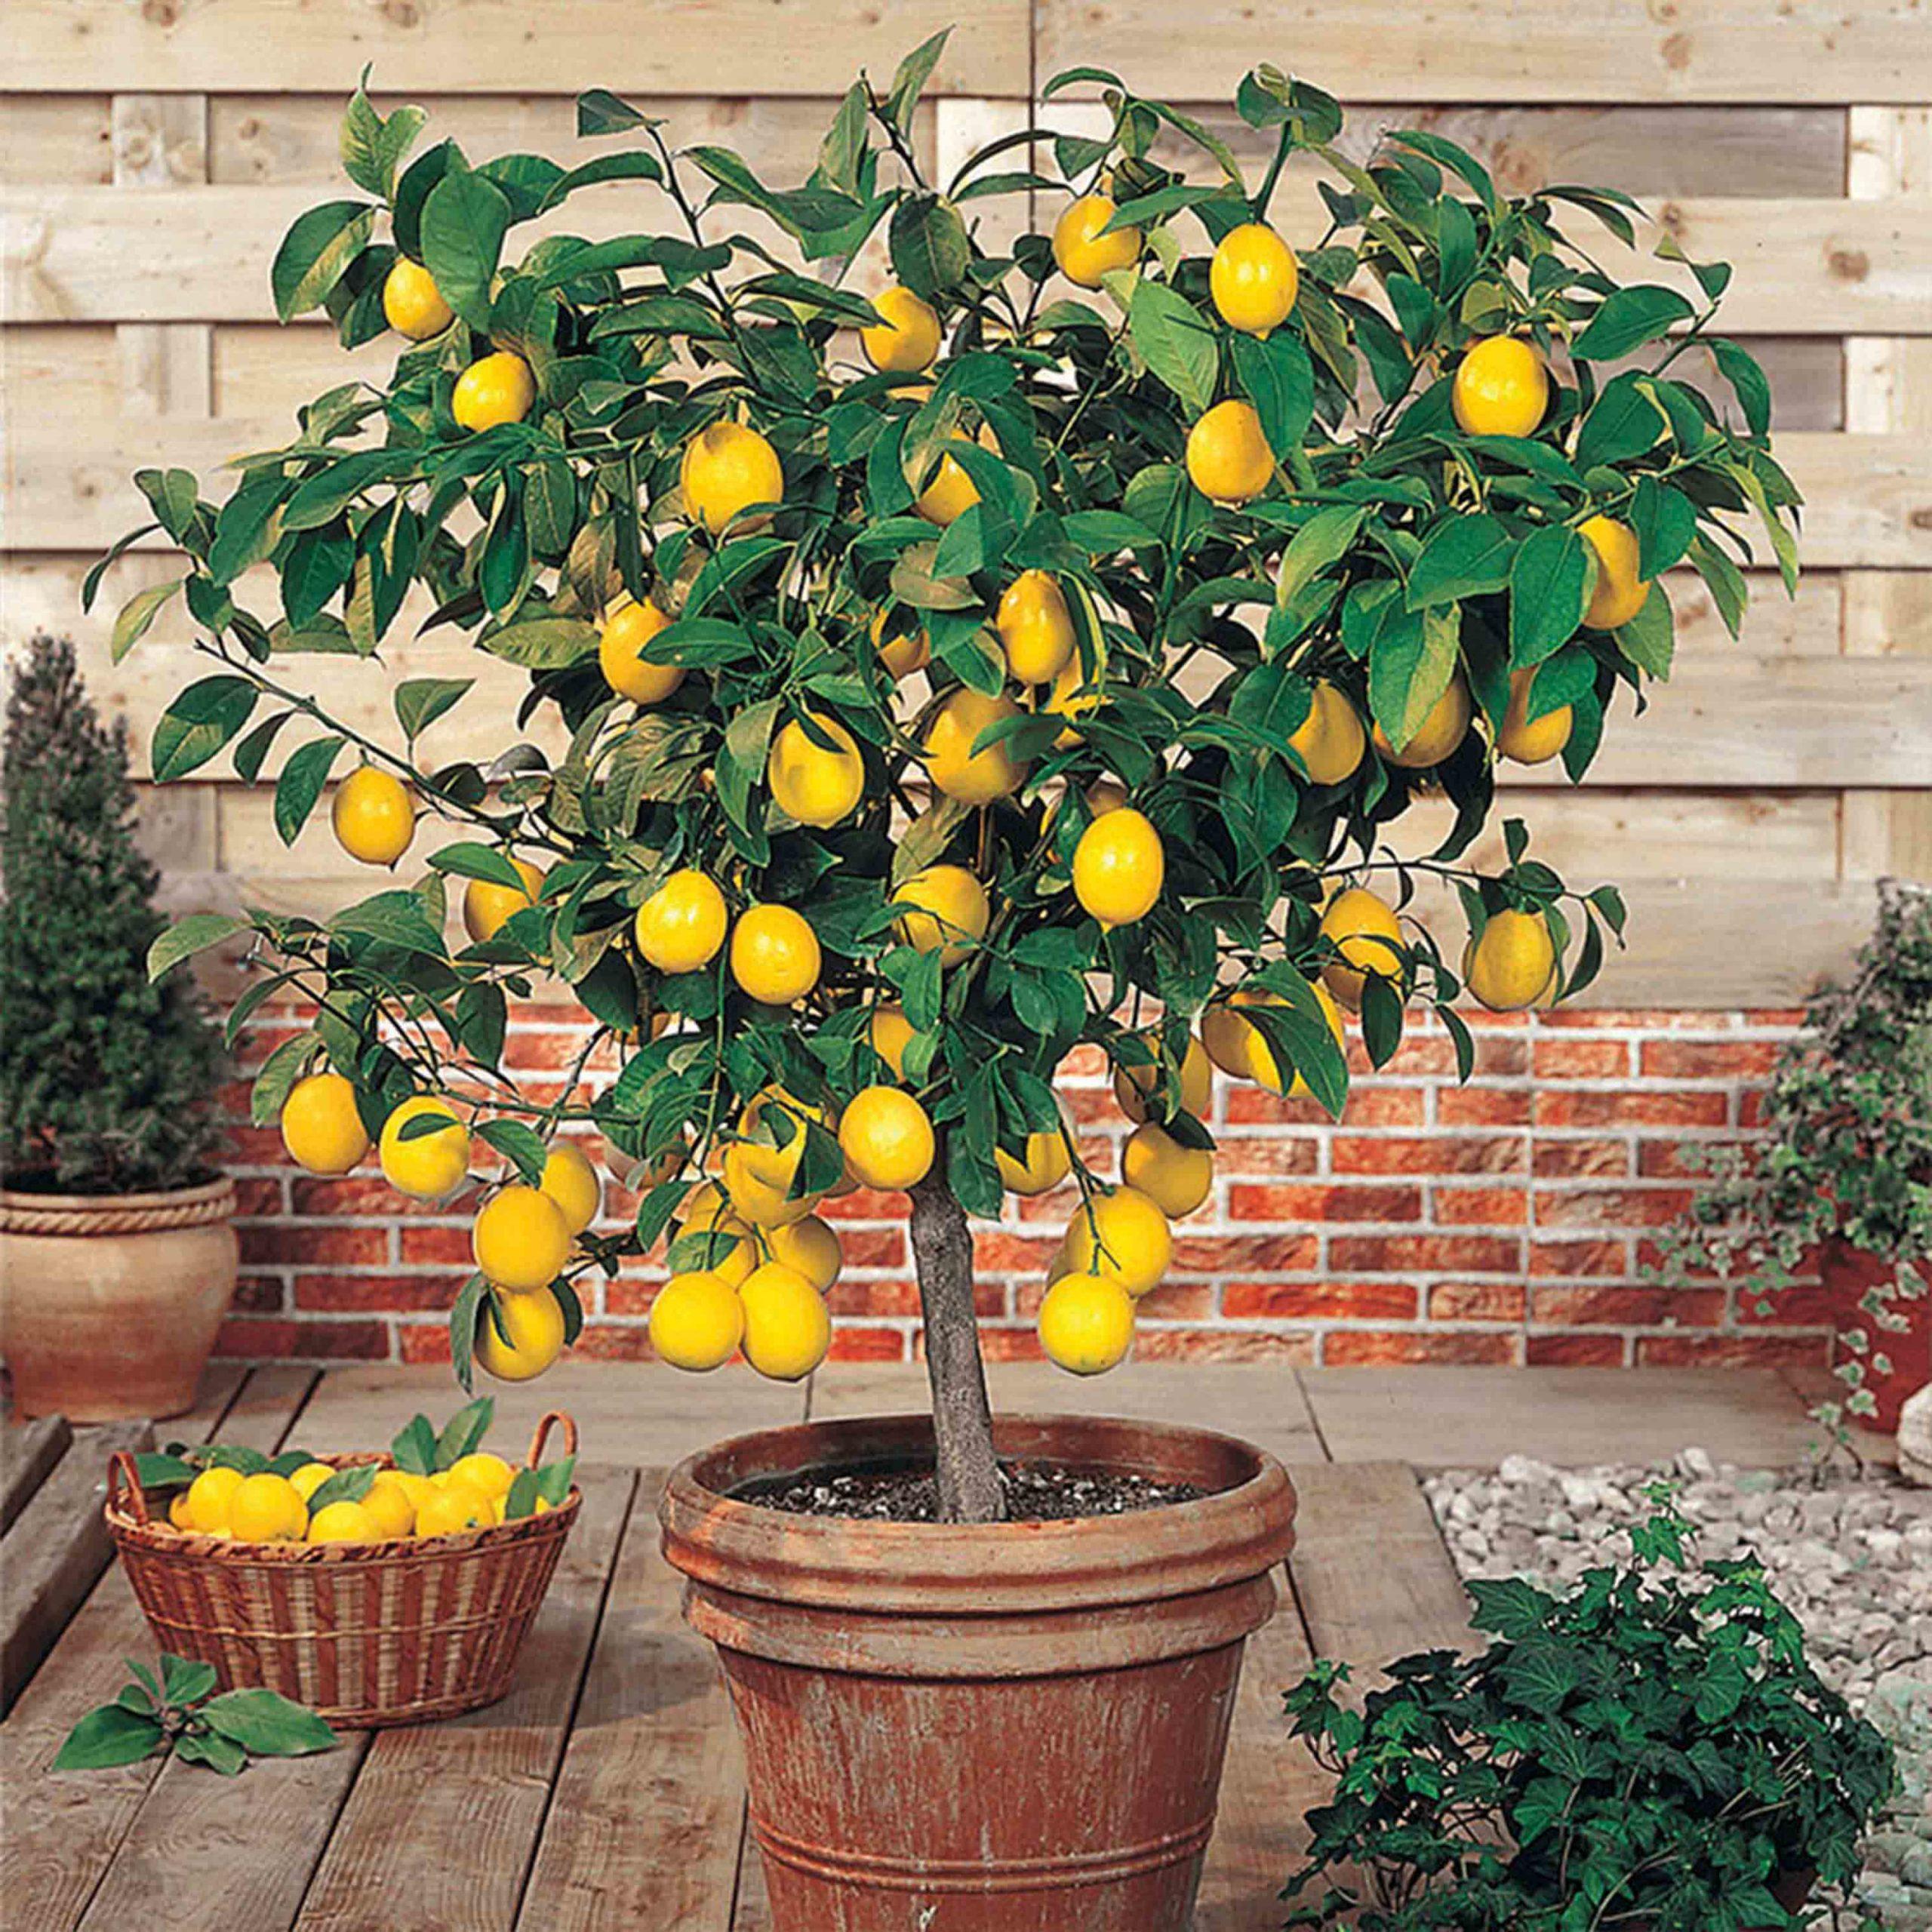 Limon Ağacı Bakımı Nasıl Yapılır, Hangi İklimi Sever?